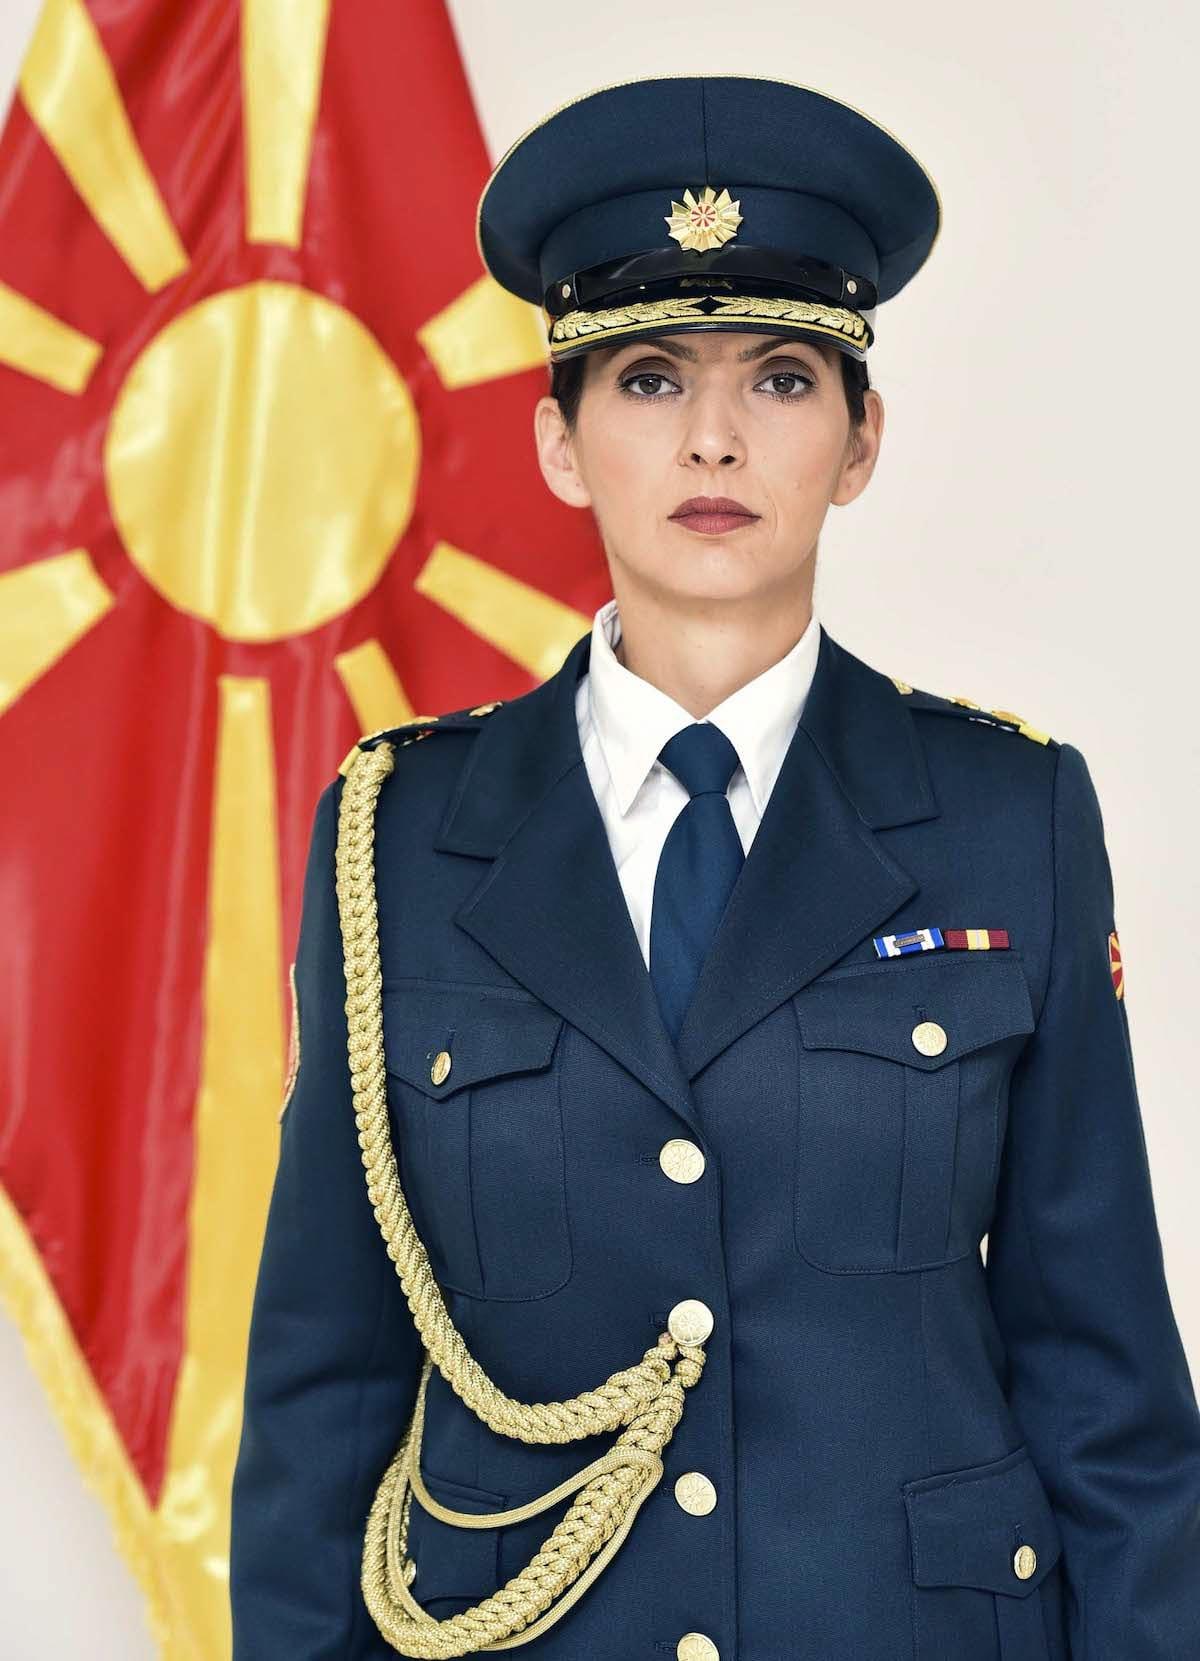 Biljana Blazeska